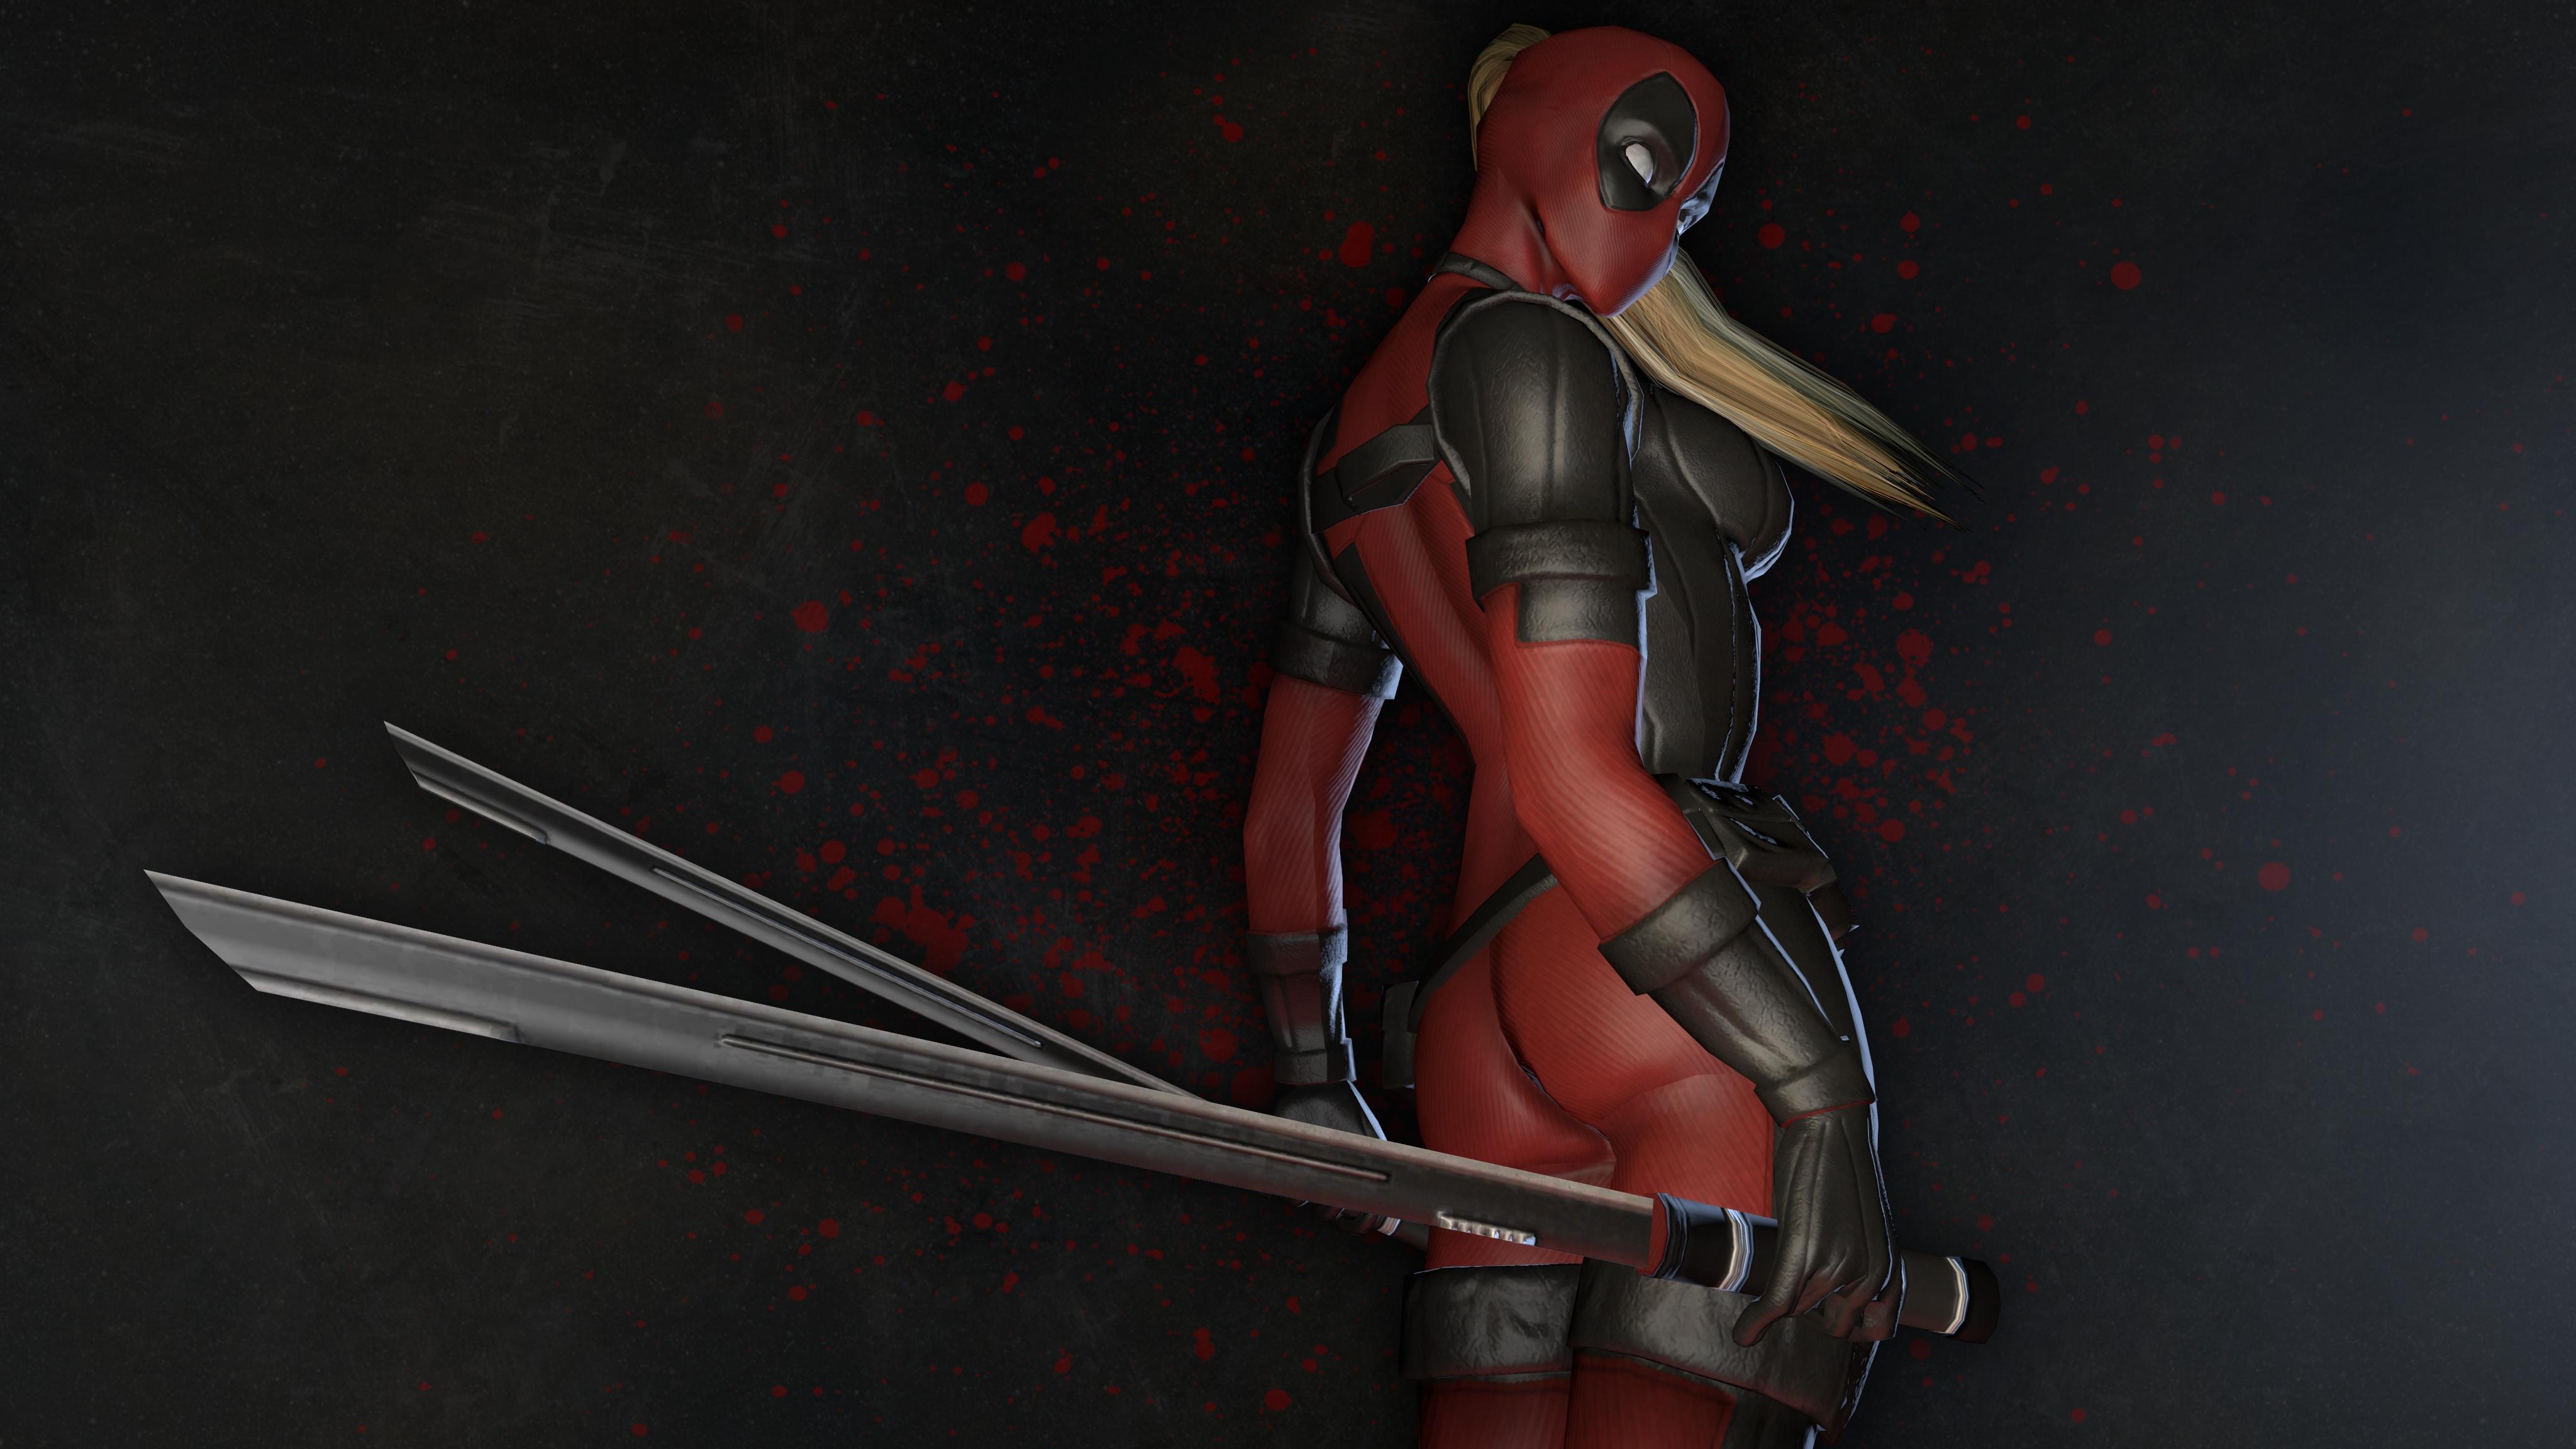 12 Lady Deadpool HD Wallpapers